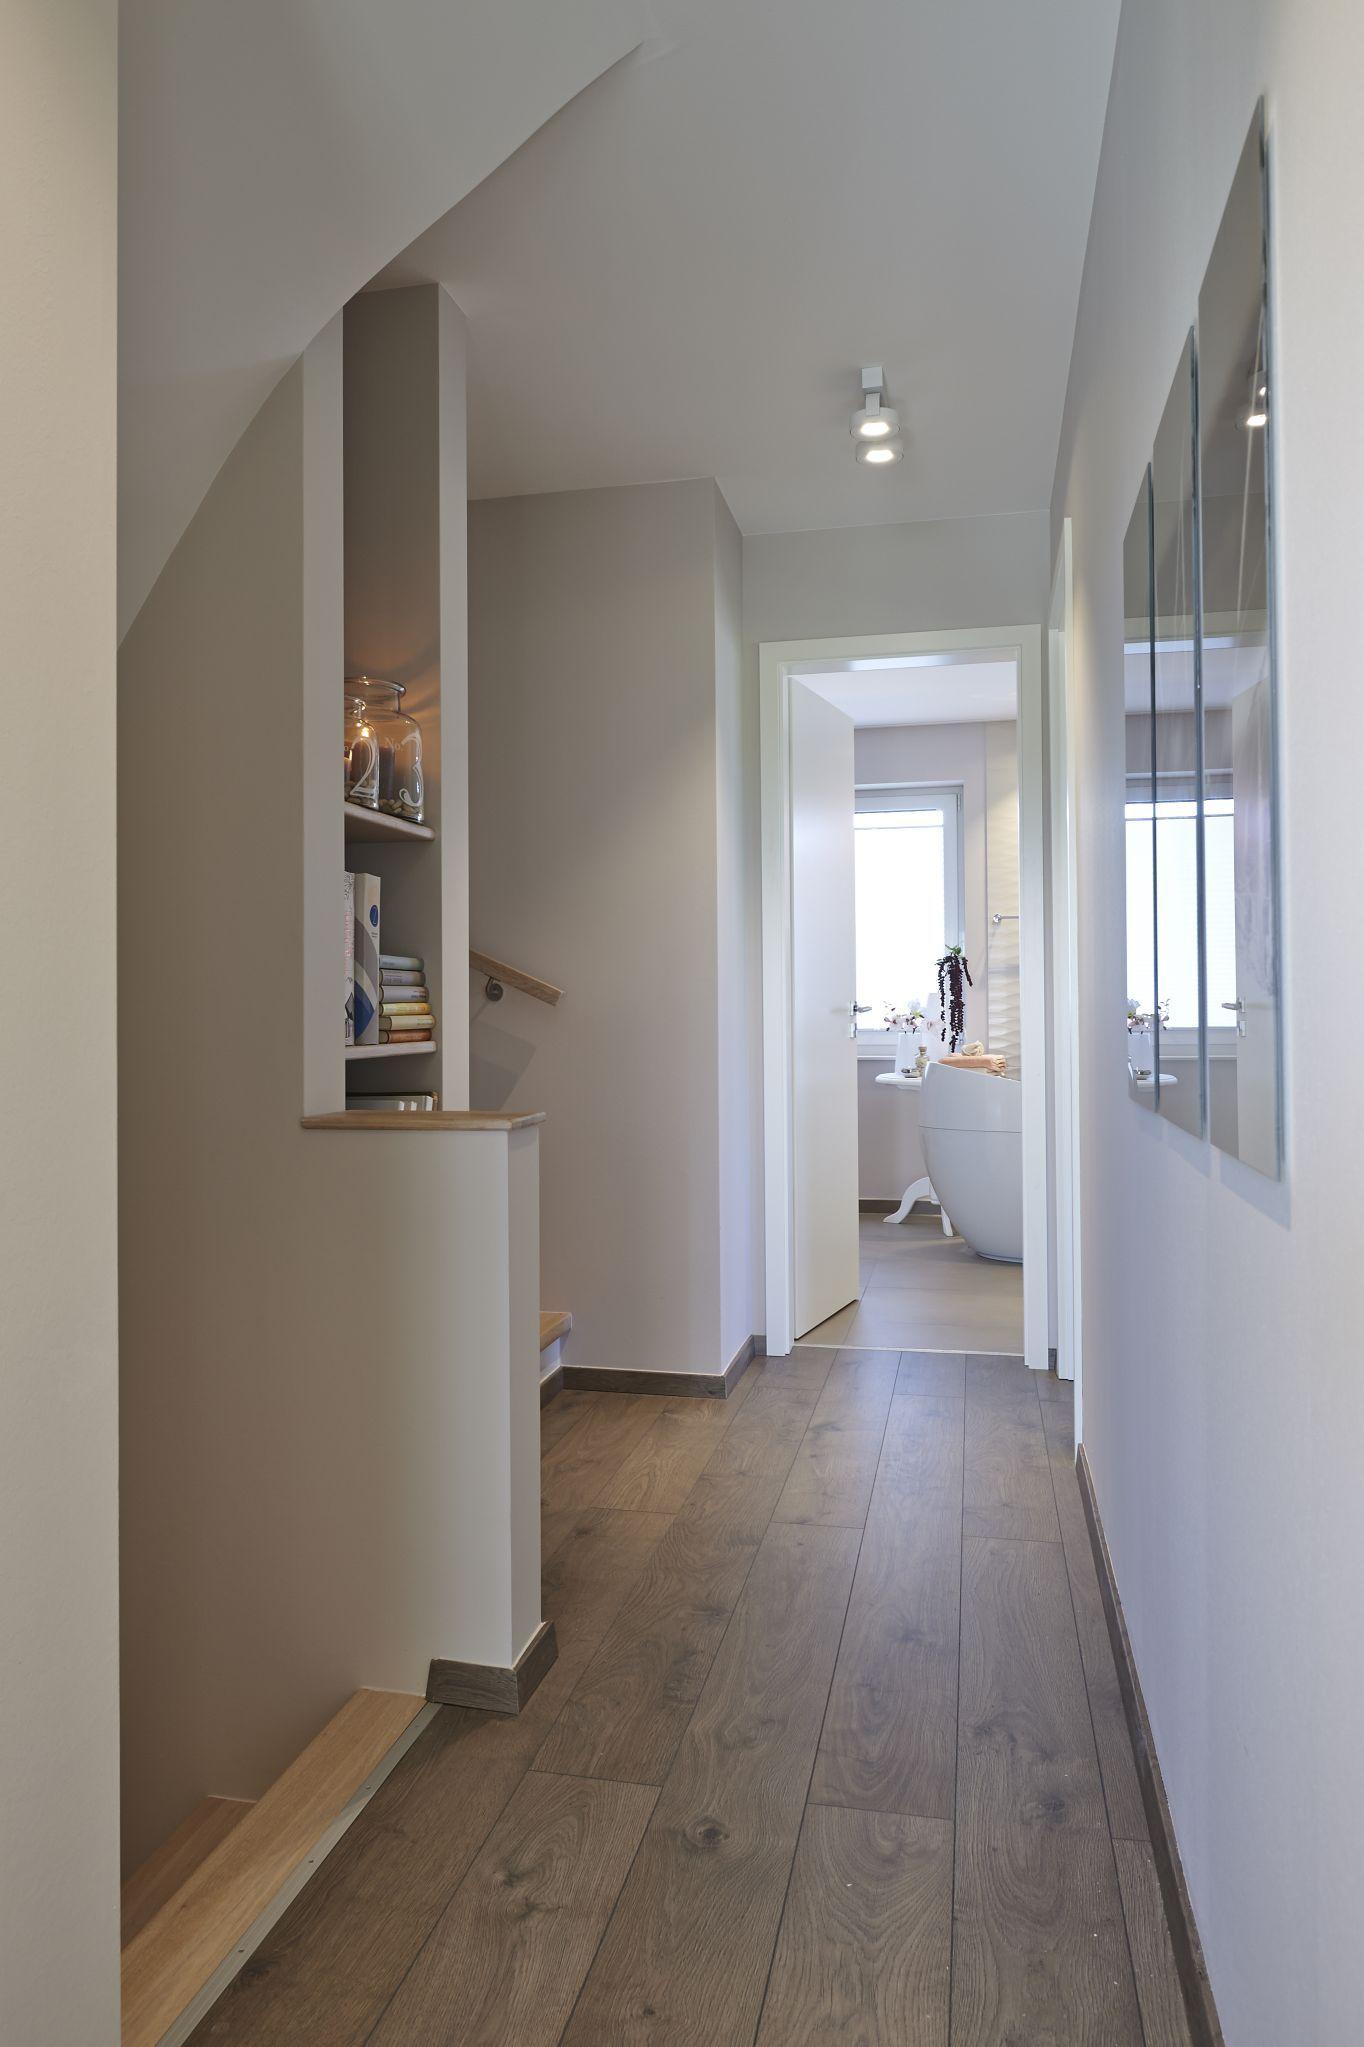 Maxime 1000 D Wohnidee Haus 187 Wohnen Auf Lebenszeit